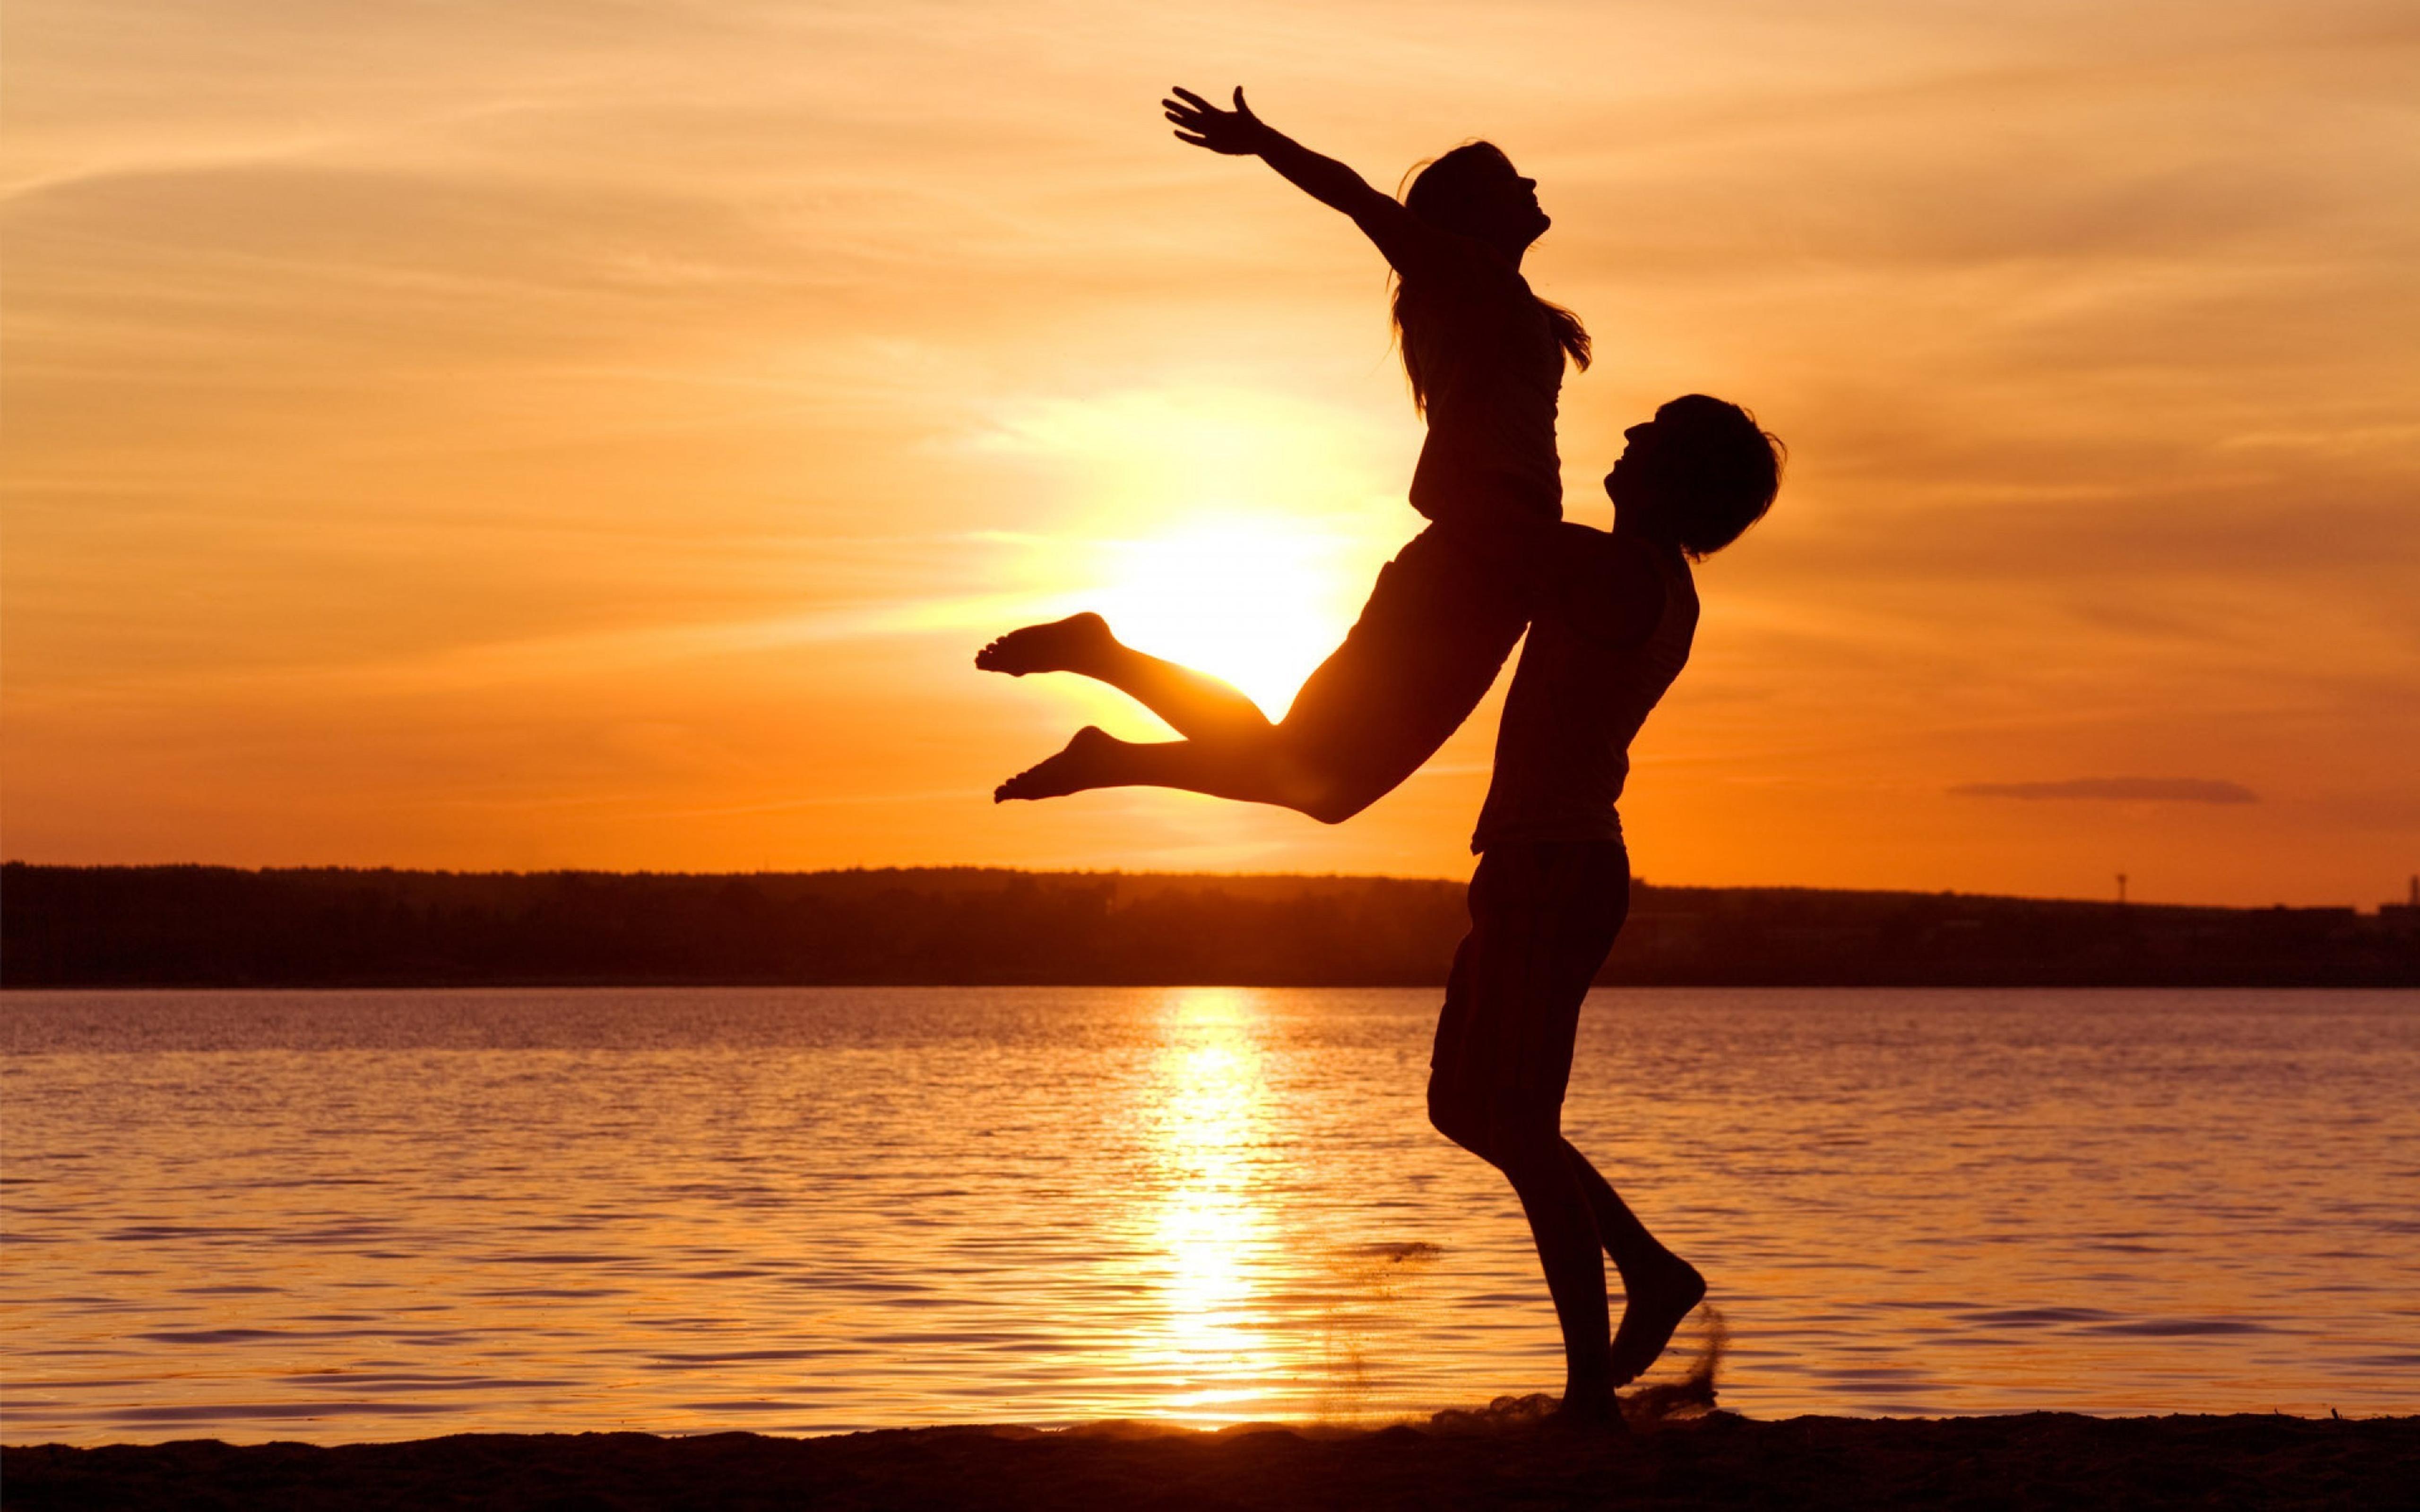 Фото любовь радость счастье 2